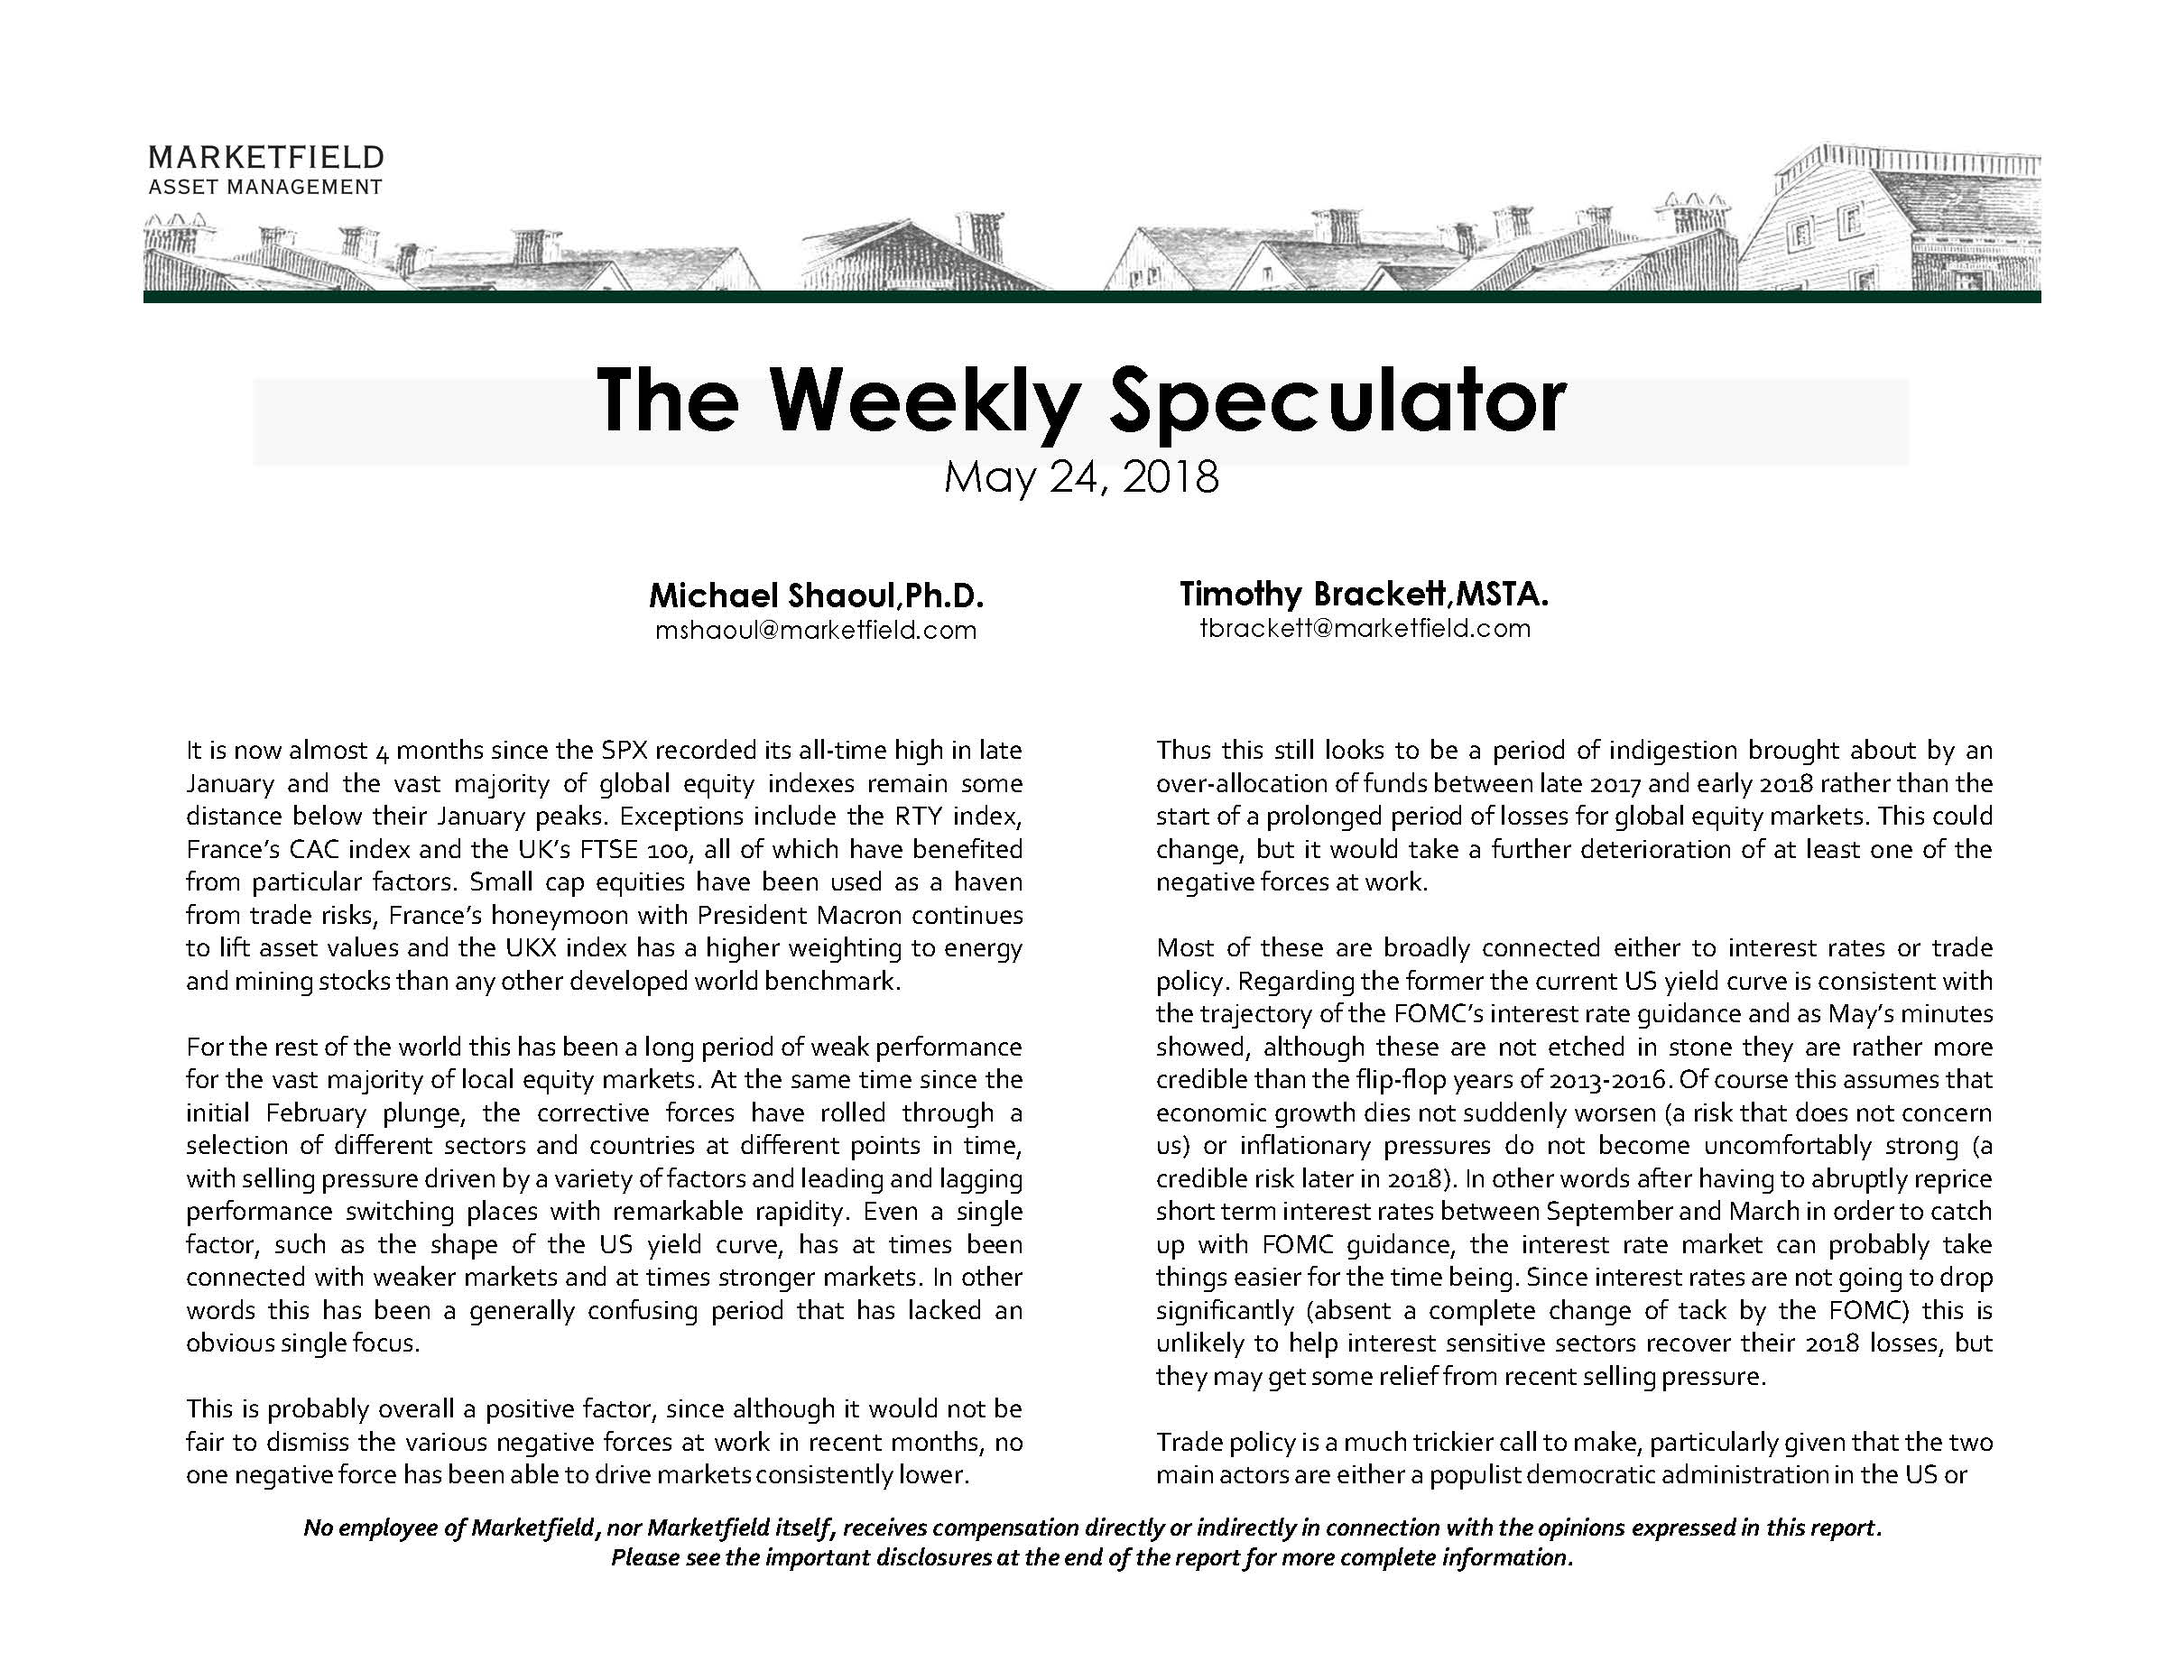 5-24-18_Weekly Speculator_Page_01.jpg